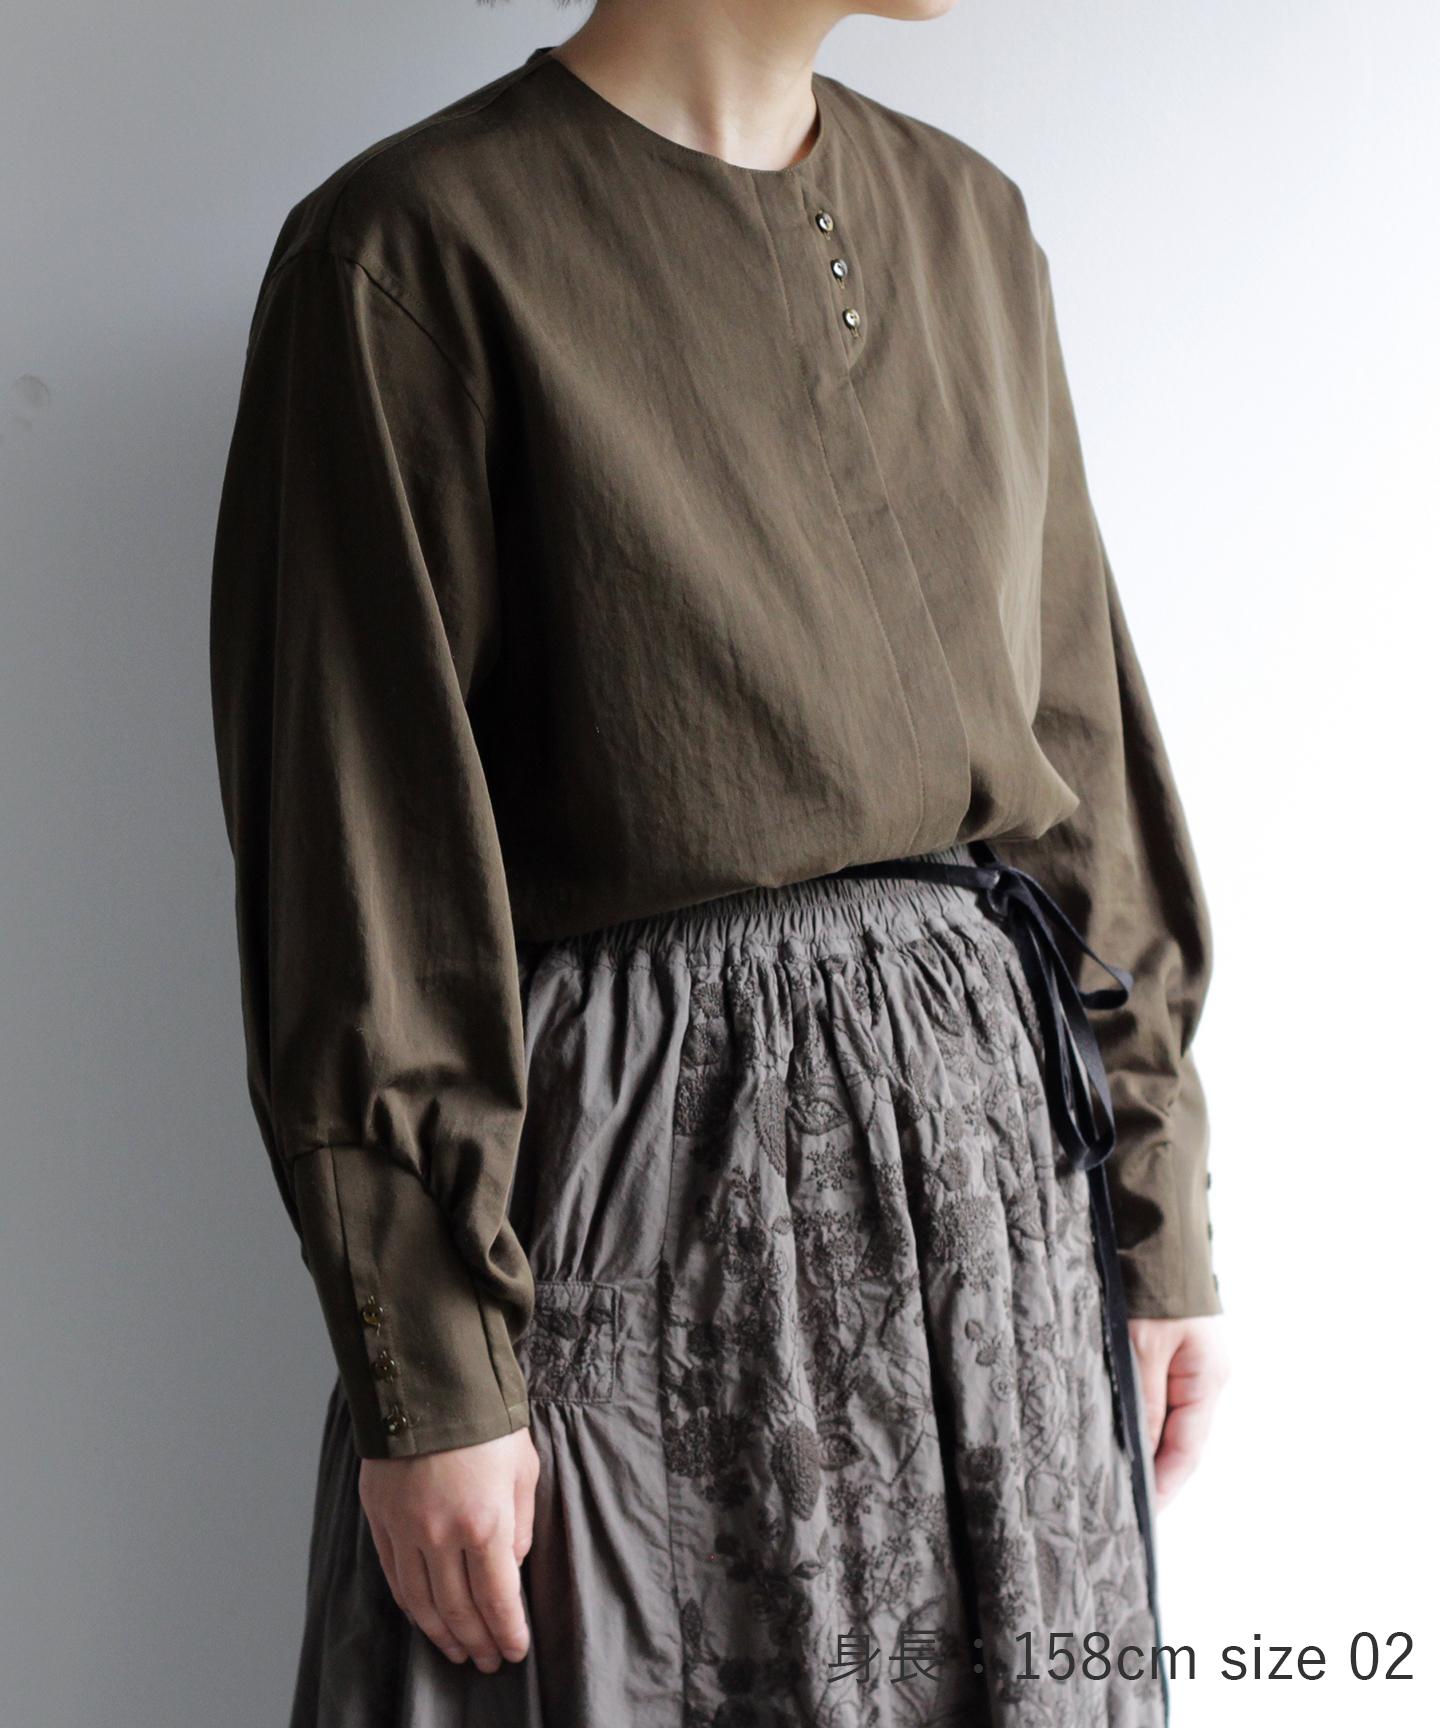 コットン生地のノーカラーシャツ(mua118)